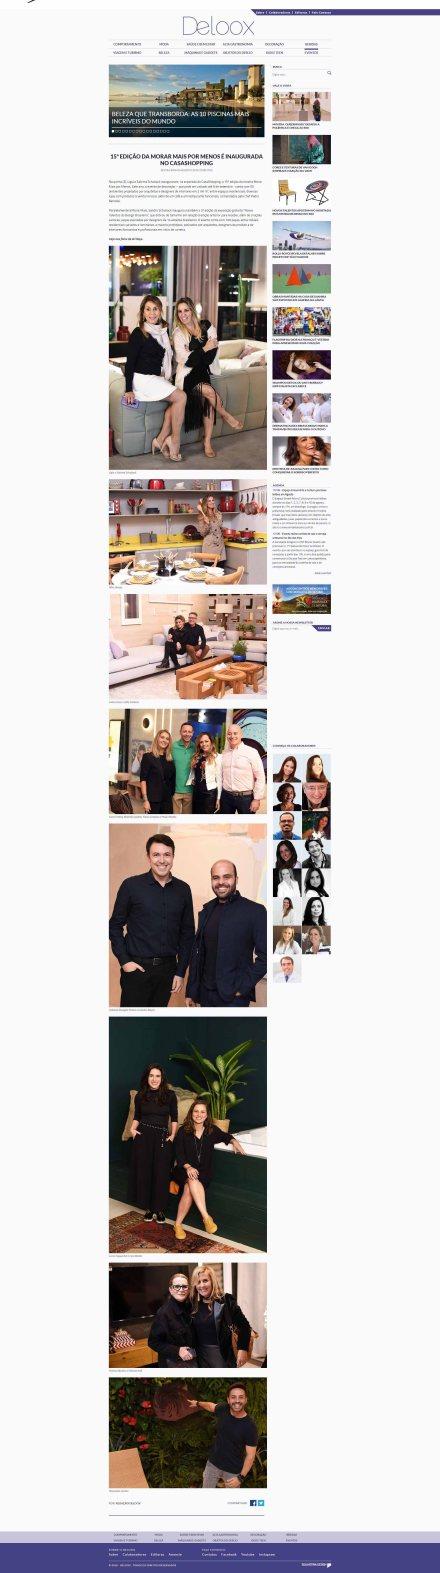 NOVOS TALENTOS BRASILEIROS no site DELOOX em 3 de agosto de 2018